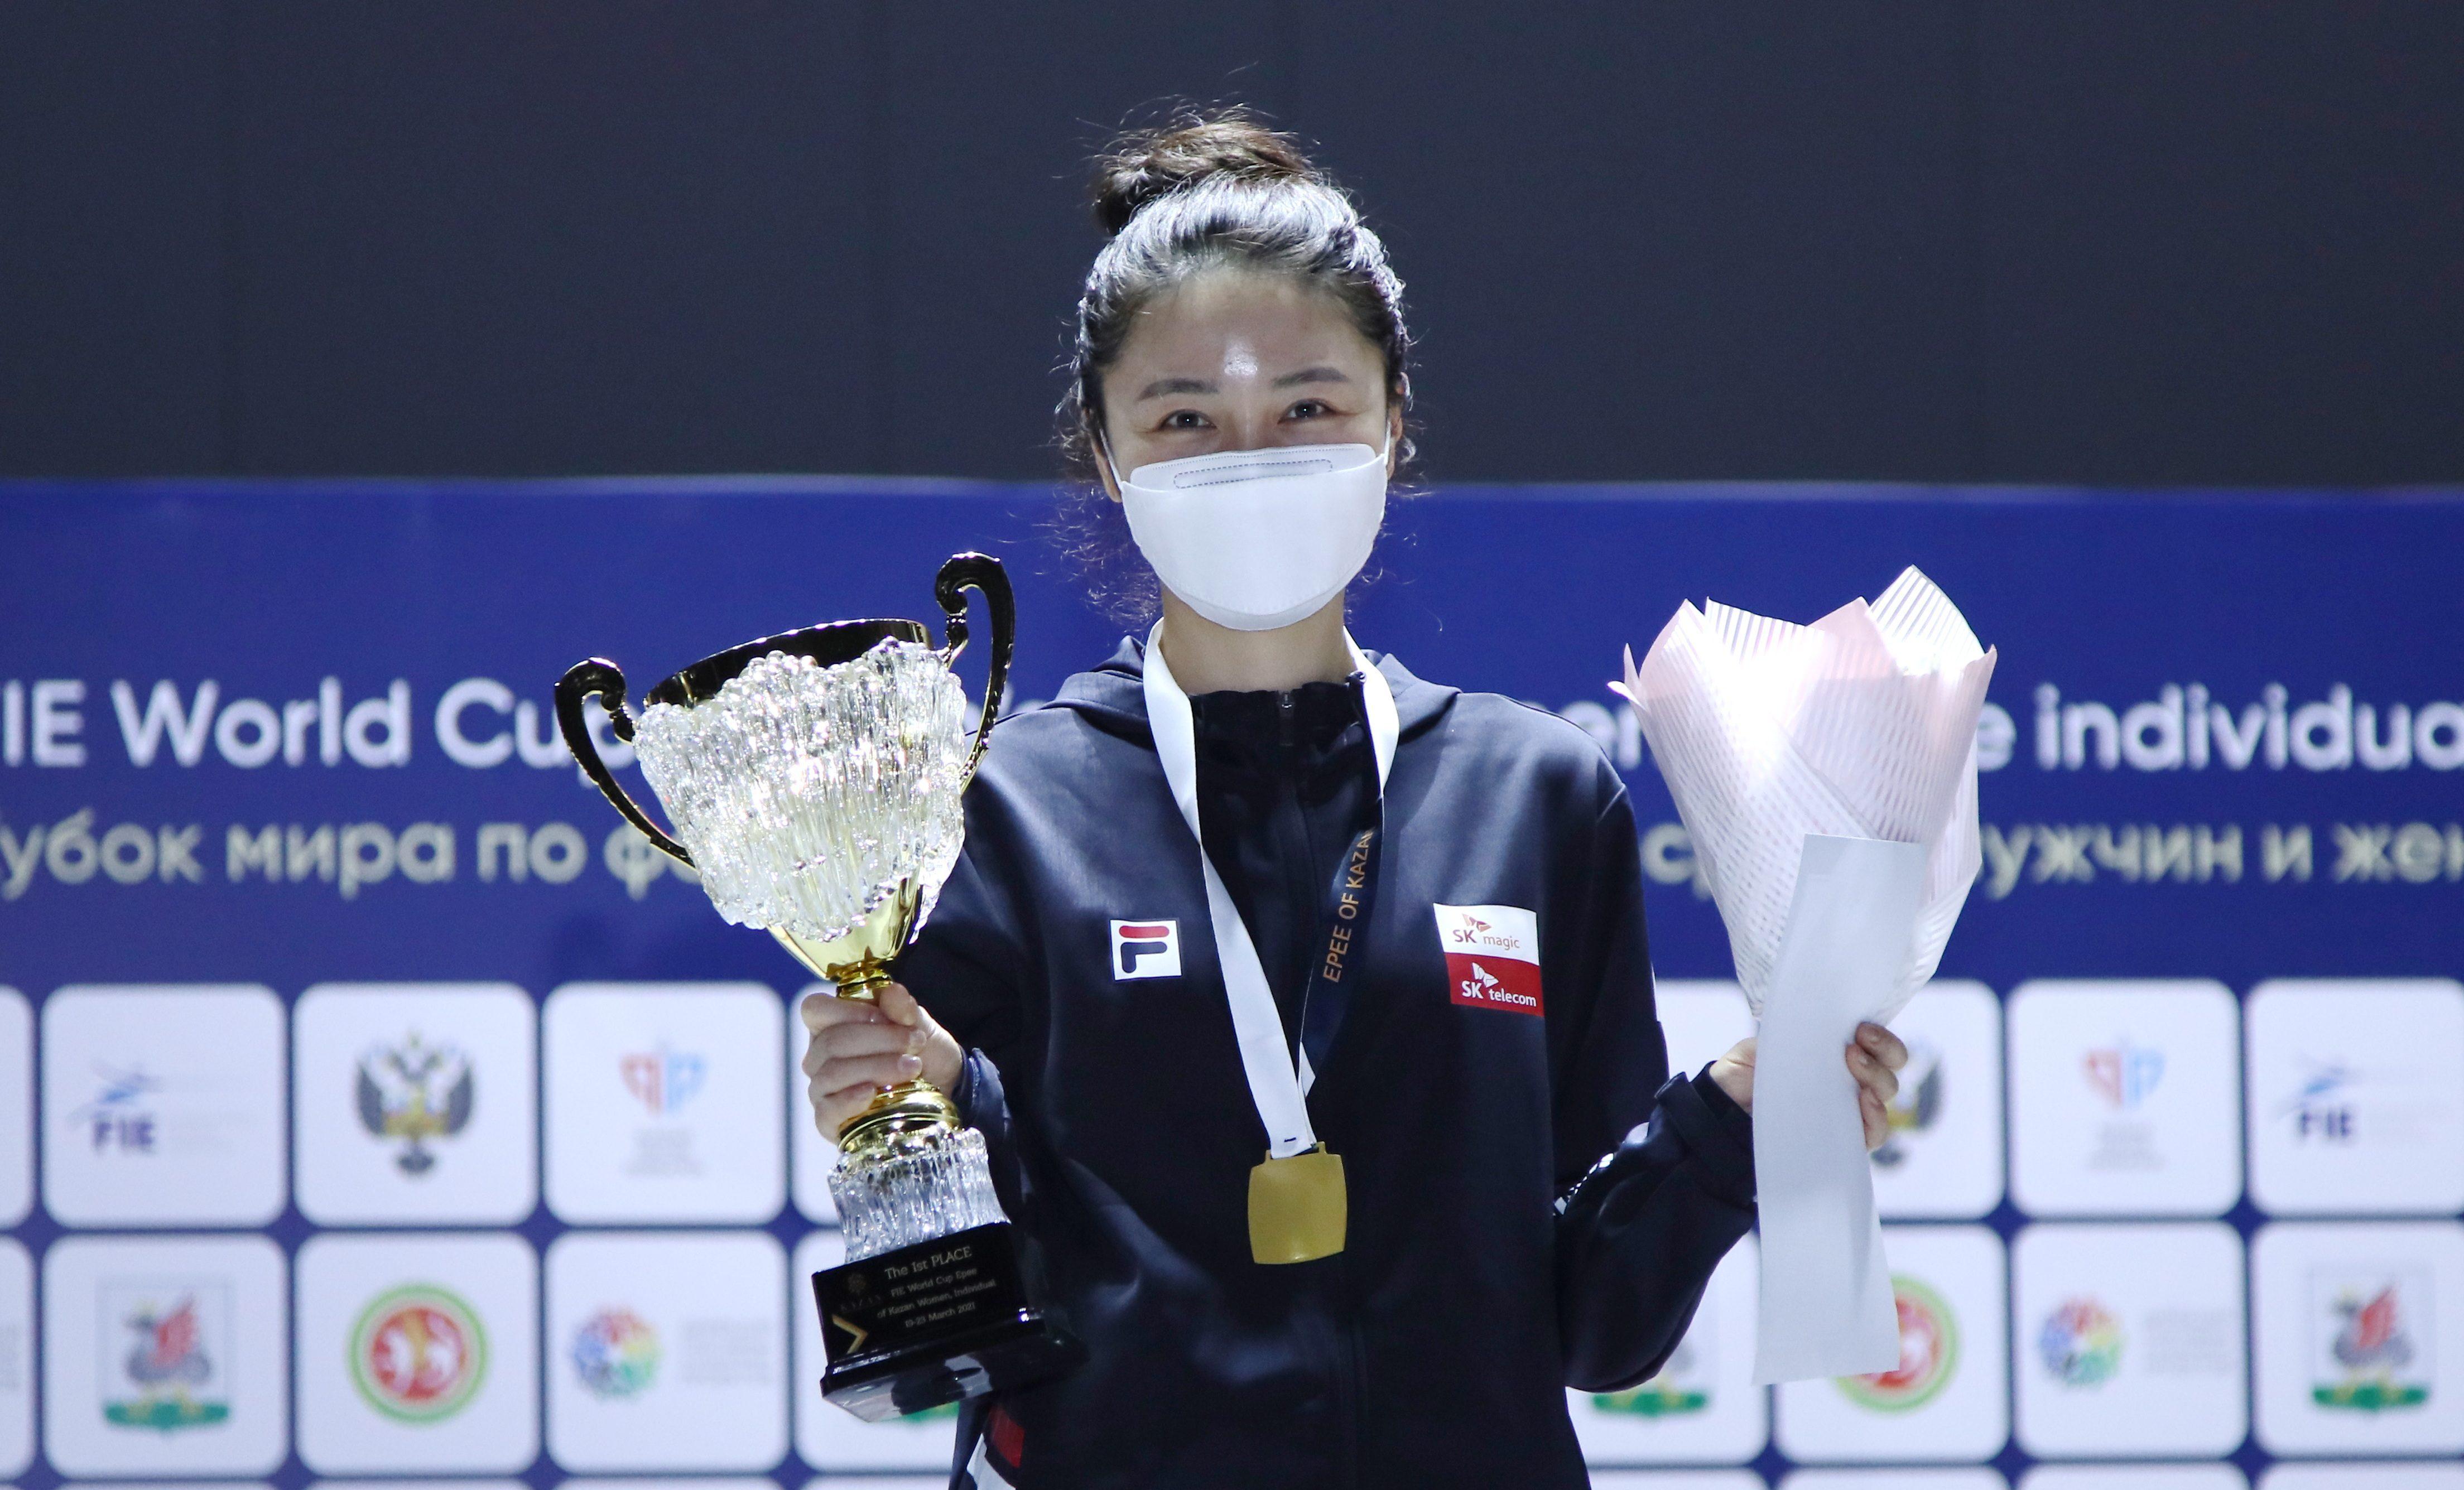 Кореянка Чой победила в личном турнире этапа Кубка мира по фехтованию в Казани